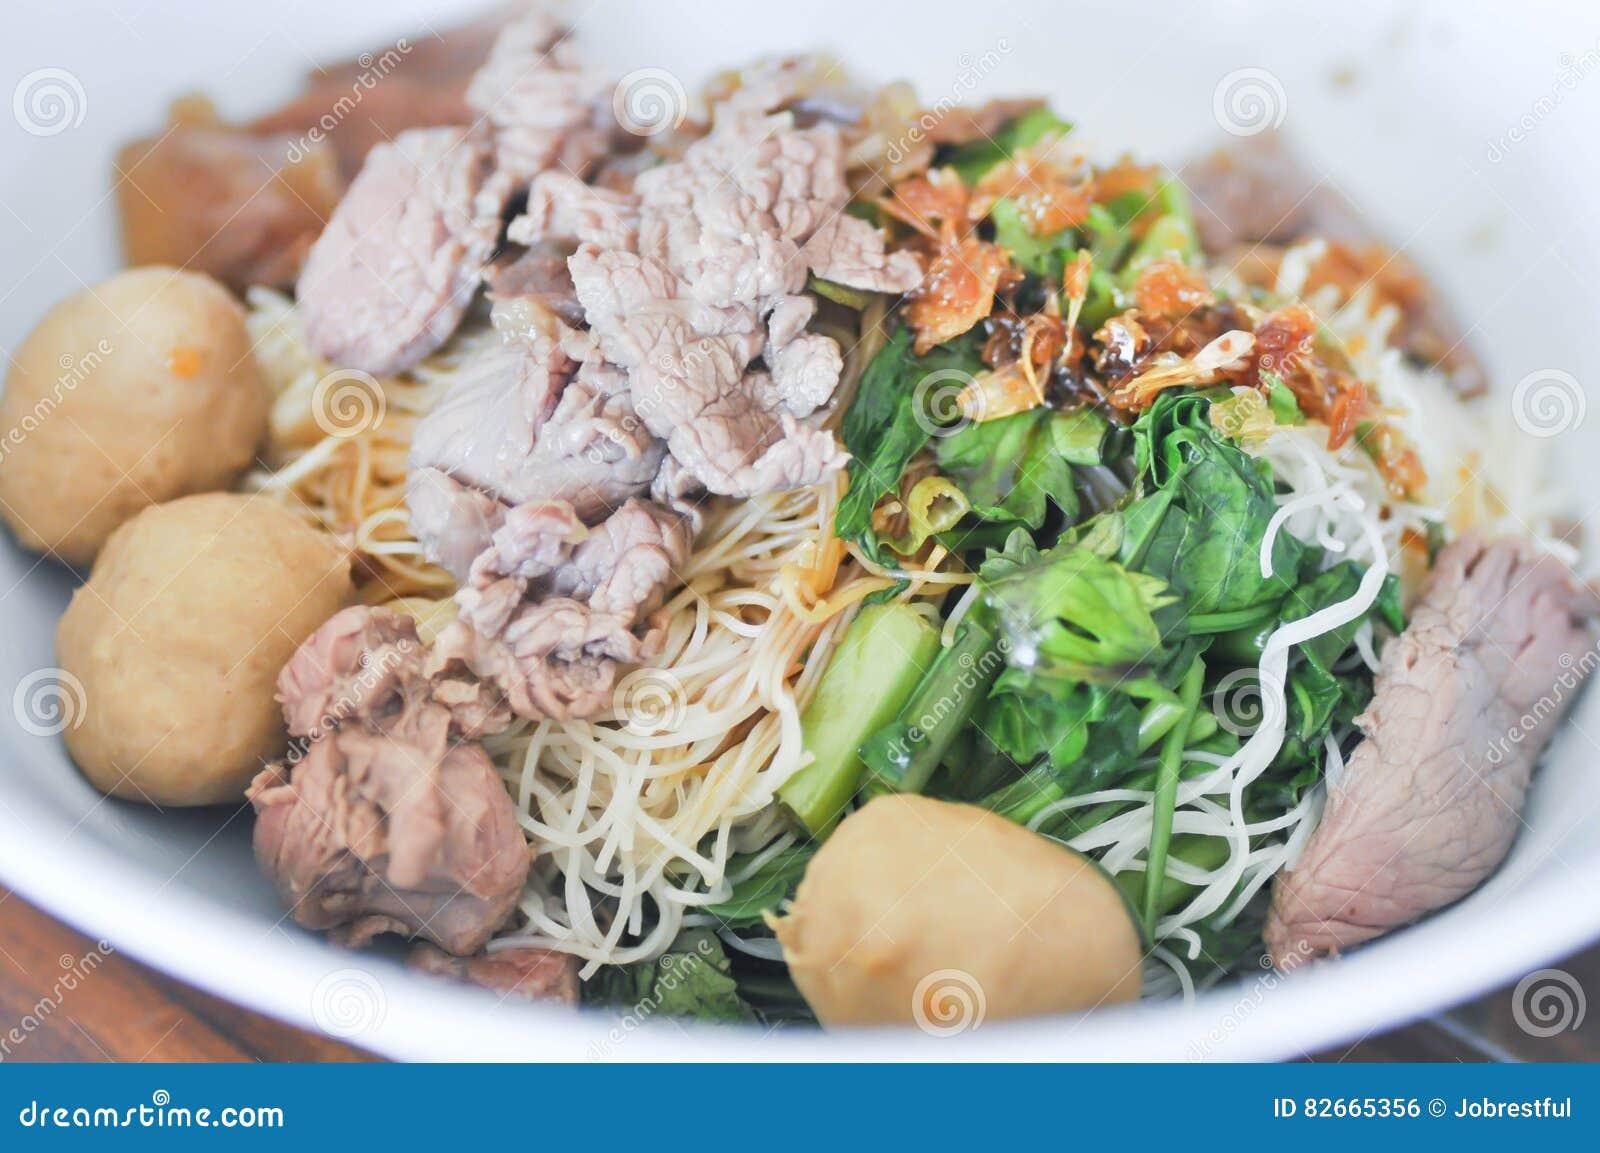 nouille chinoise simple nouille chinoise avec la boulette de viande et boeuf photo stock. Black Bedroom Furniture Sets. Home Design Ideas